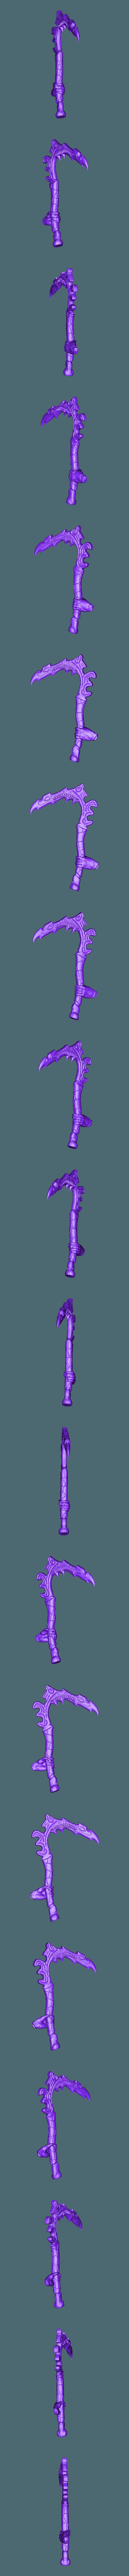 D%C3%A9voreur_-_Main_Gauche.stl Télécharger fichier STL gratuit Le Dévoreur • Design pour impression 3D, BODY3D